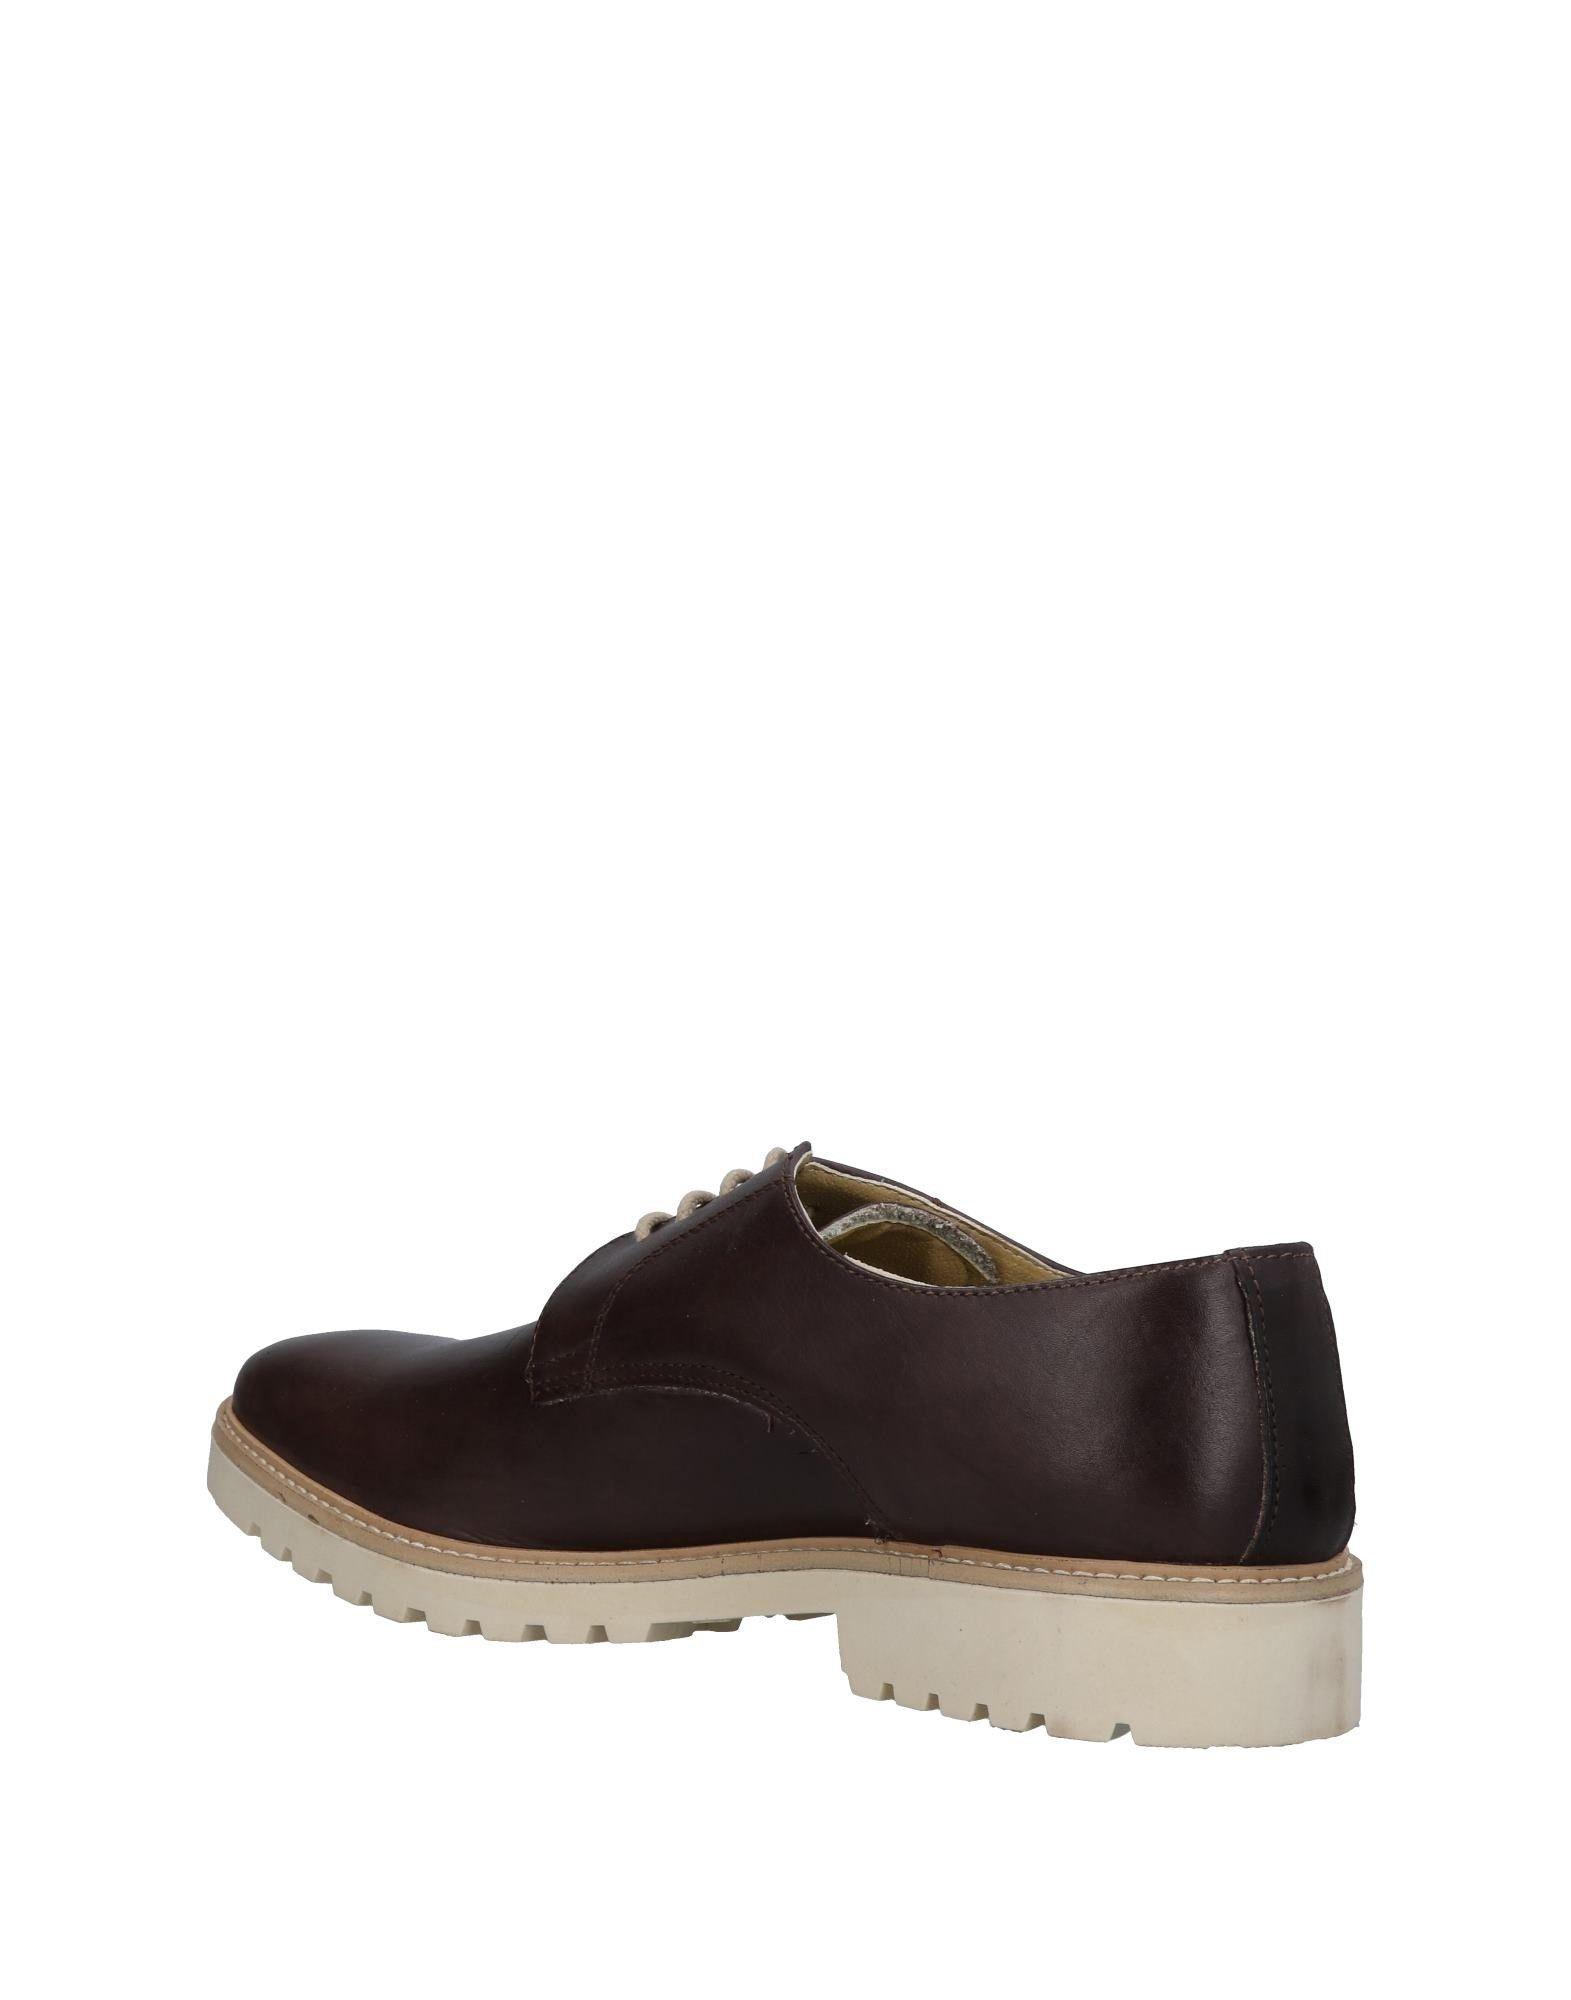 Rabatt echte Herren Schuhe Alexander Trend Schnürschuhe Herren echte 11418204JM 7fe959